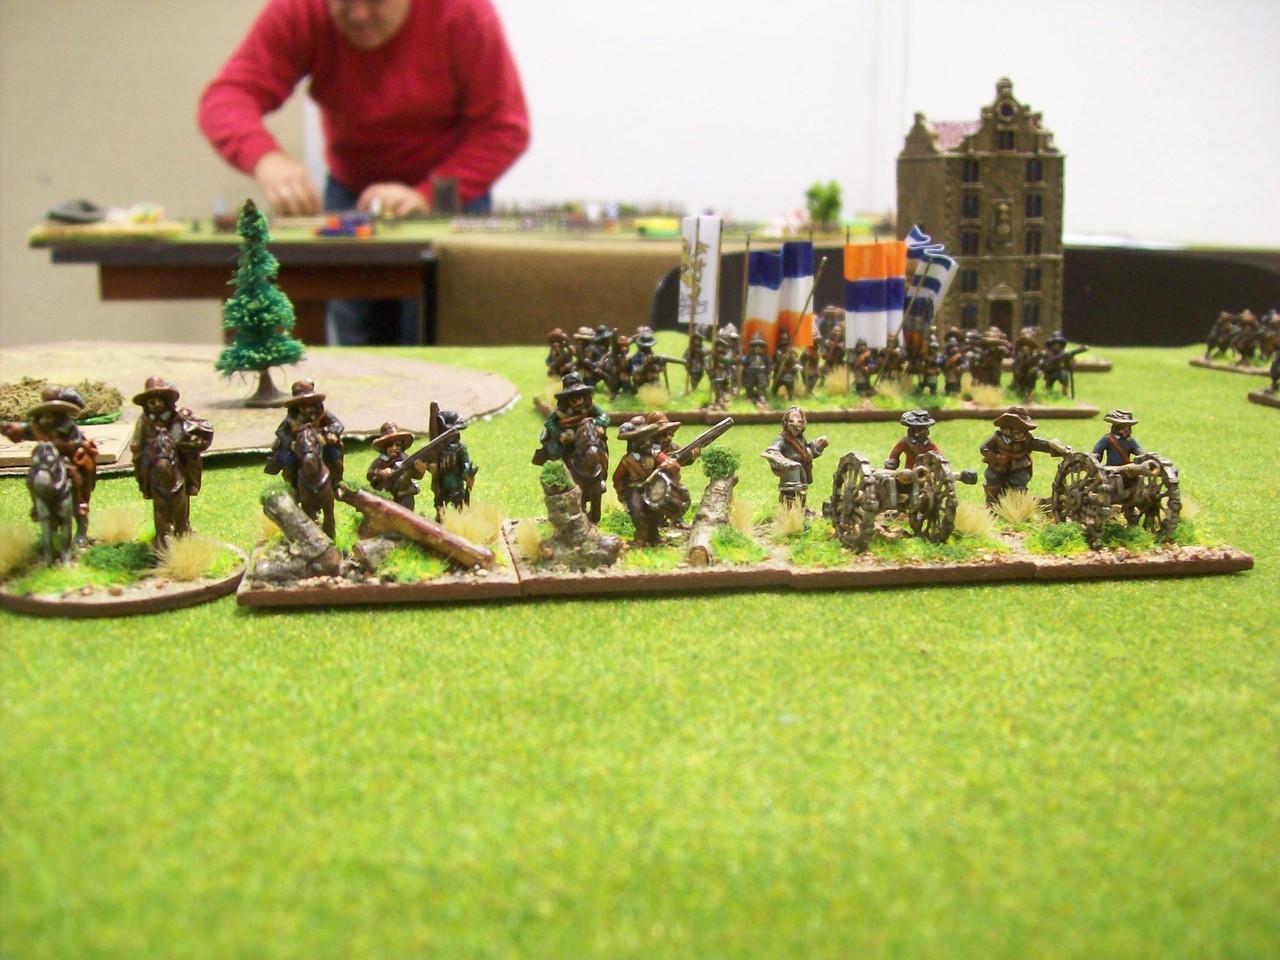 Holländische Dragoner und Artillerie - neumodischer Quatsch, den meine Armee nicht benötigte ;-)